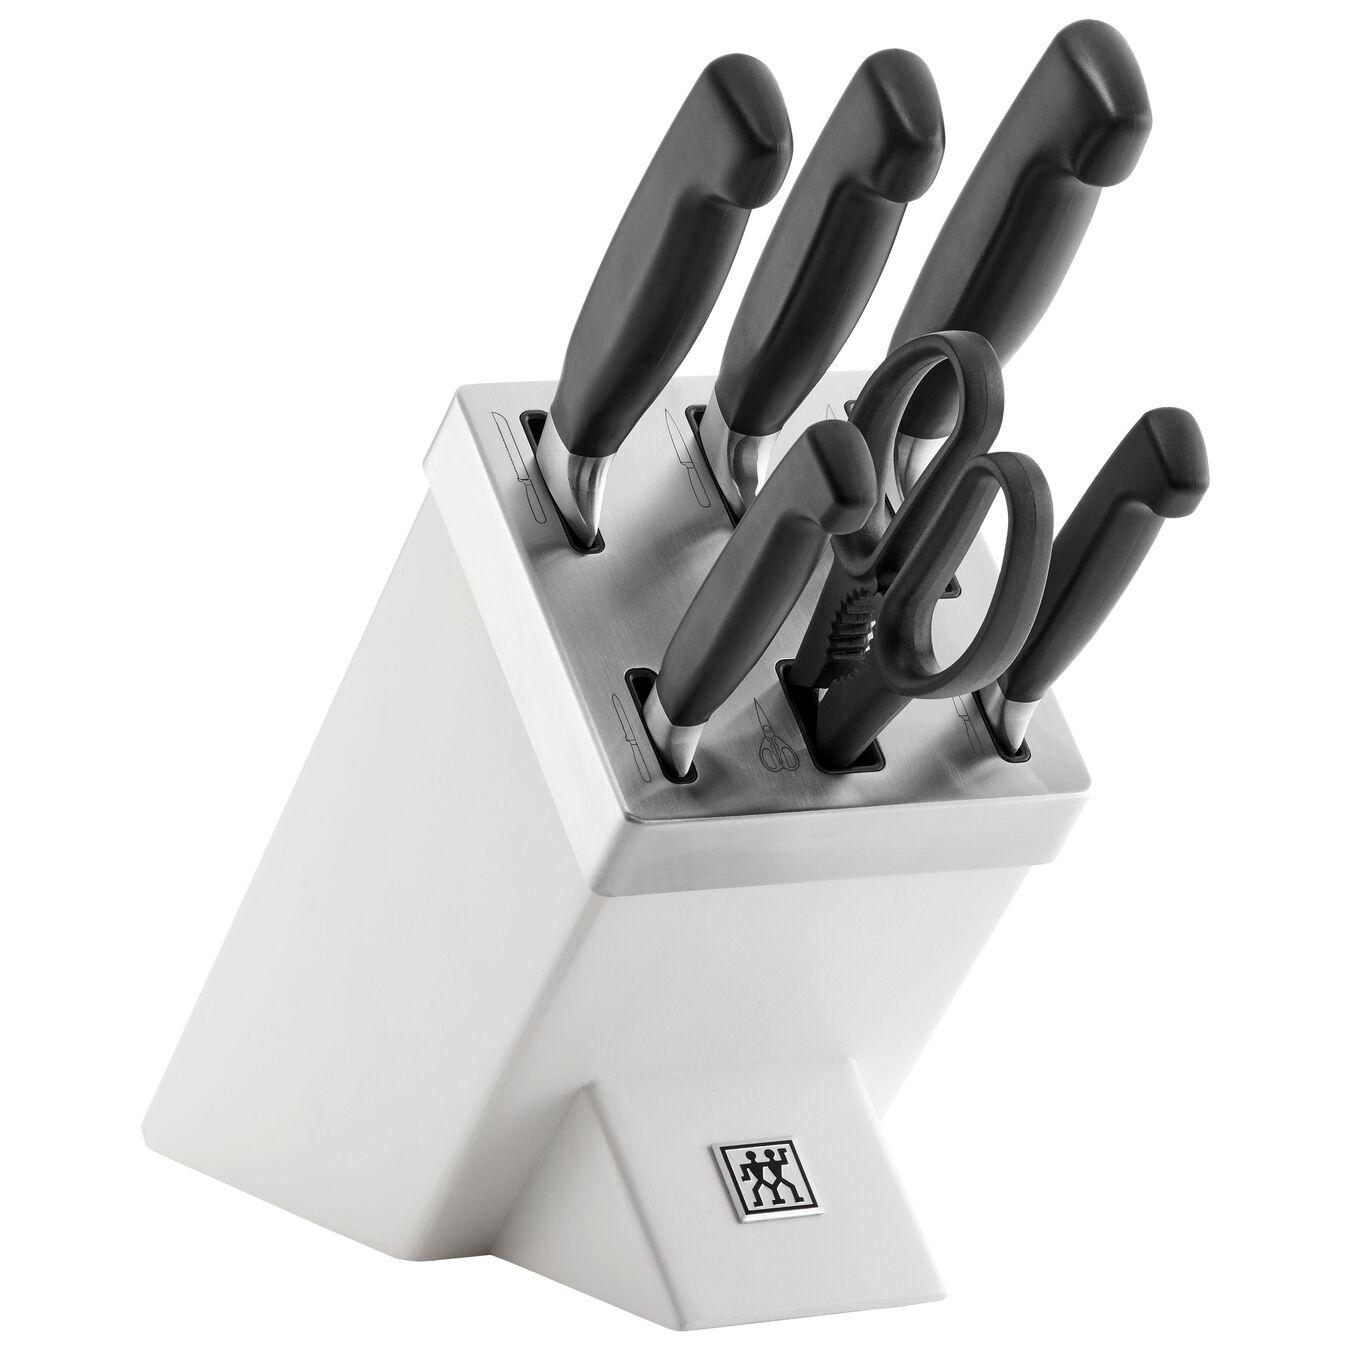 Selbstschärfender Messerblock 7-tlg, Weiß,,large 1